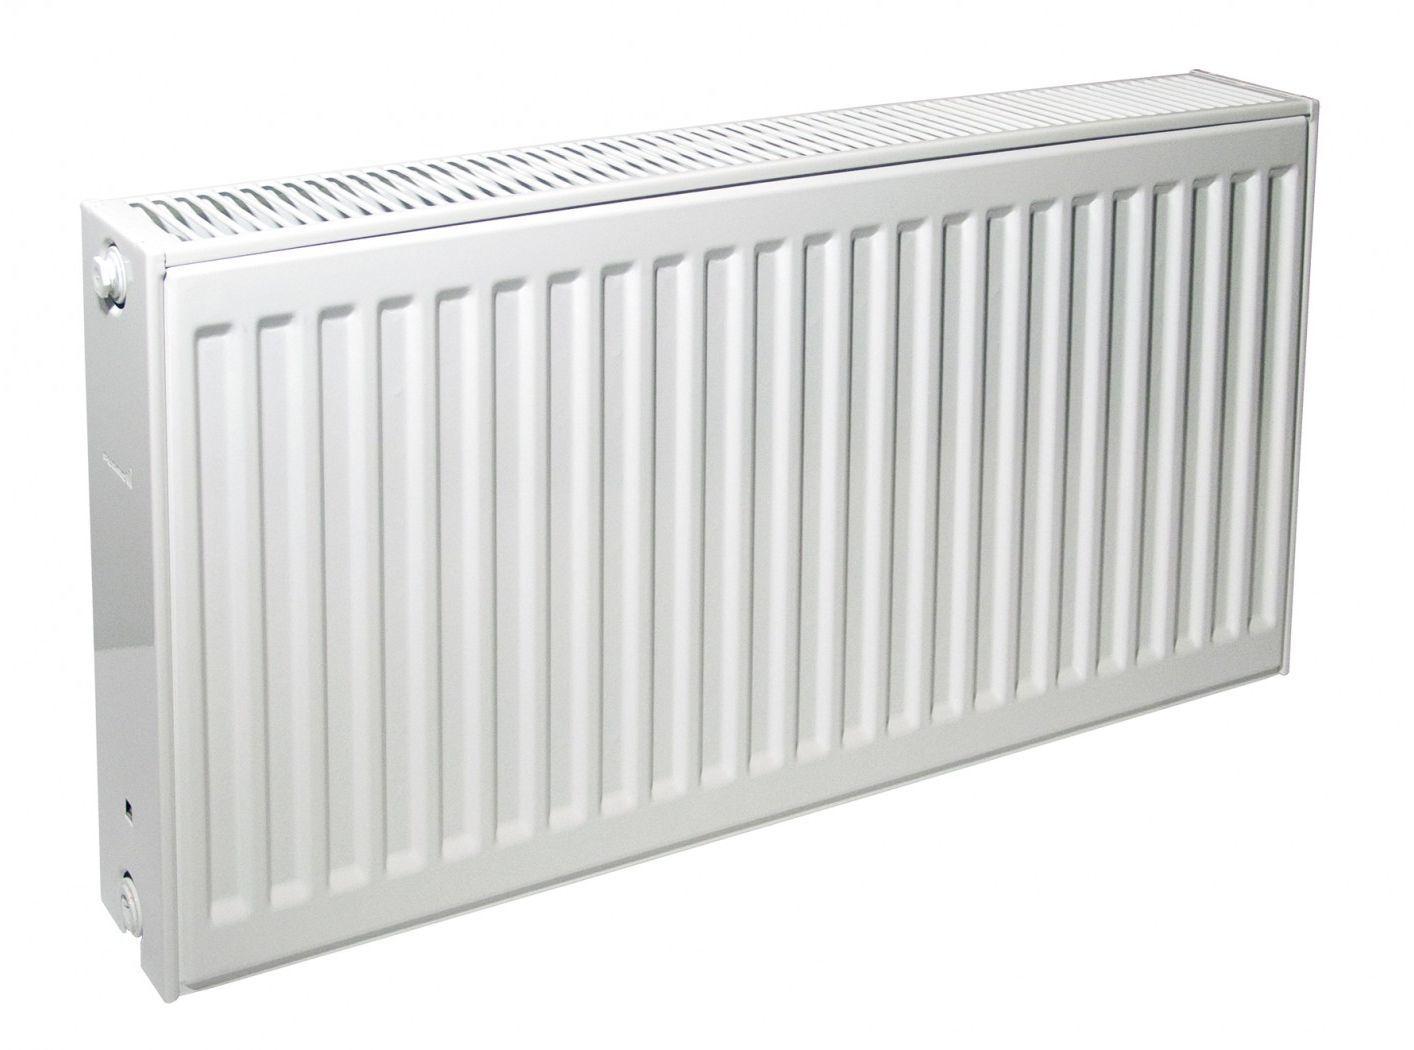 Стальной панельный радиатор AIRFEL TIP 22, 300x1100